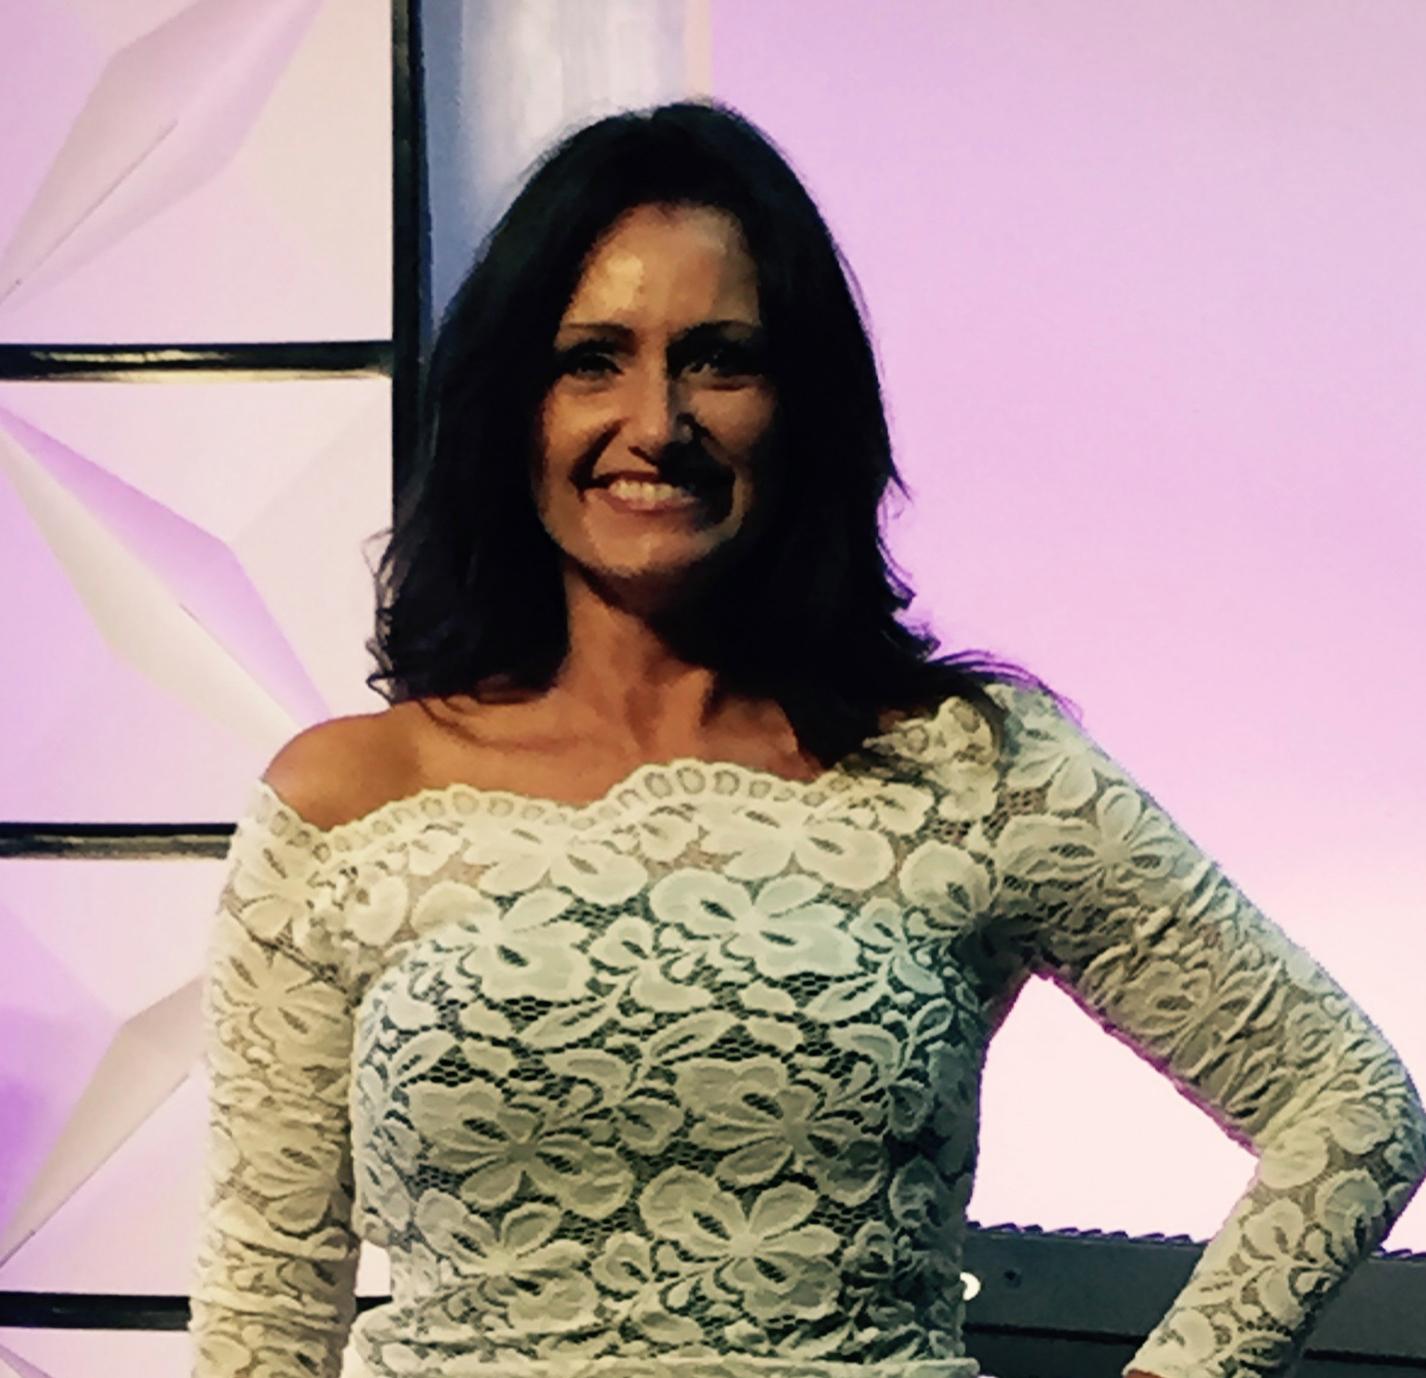 Michaela at Kay Bain show.jpg